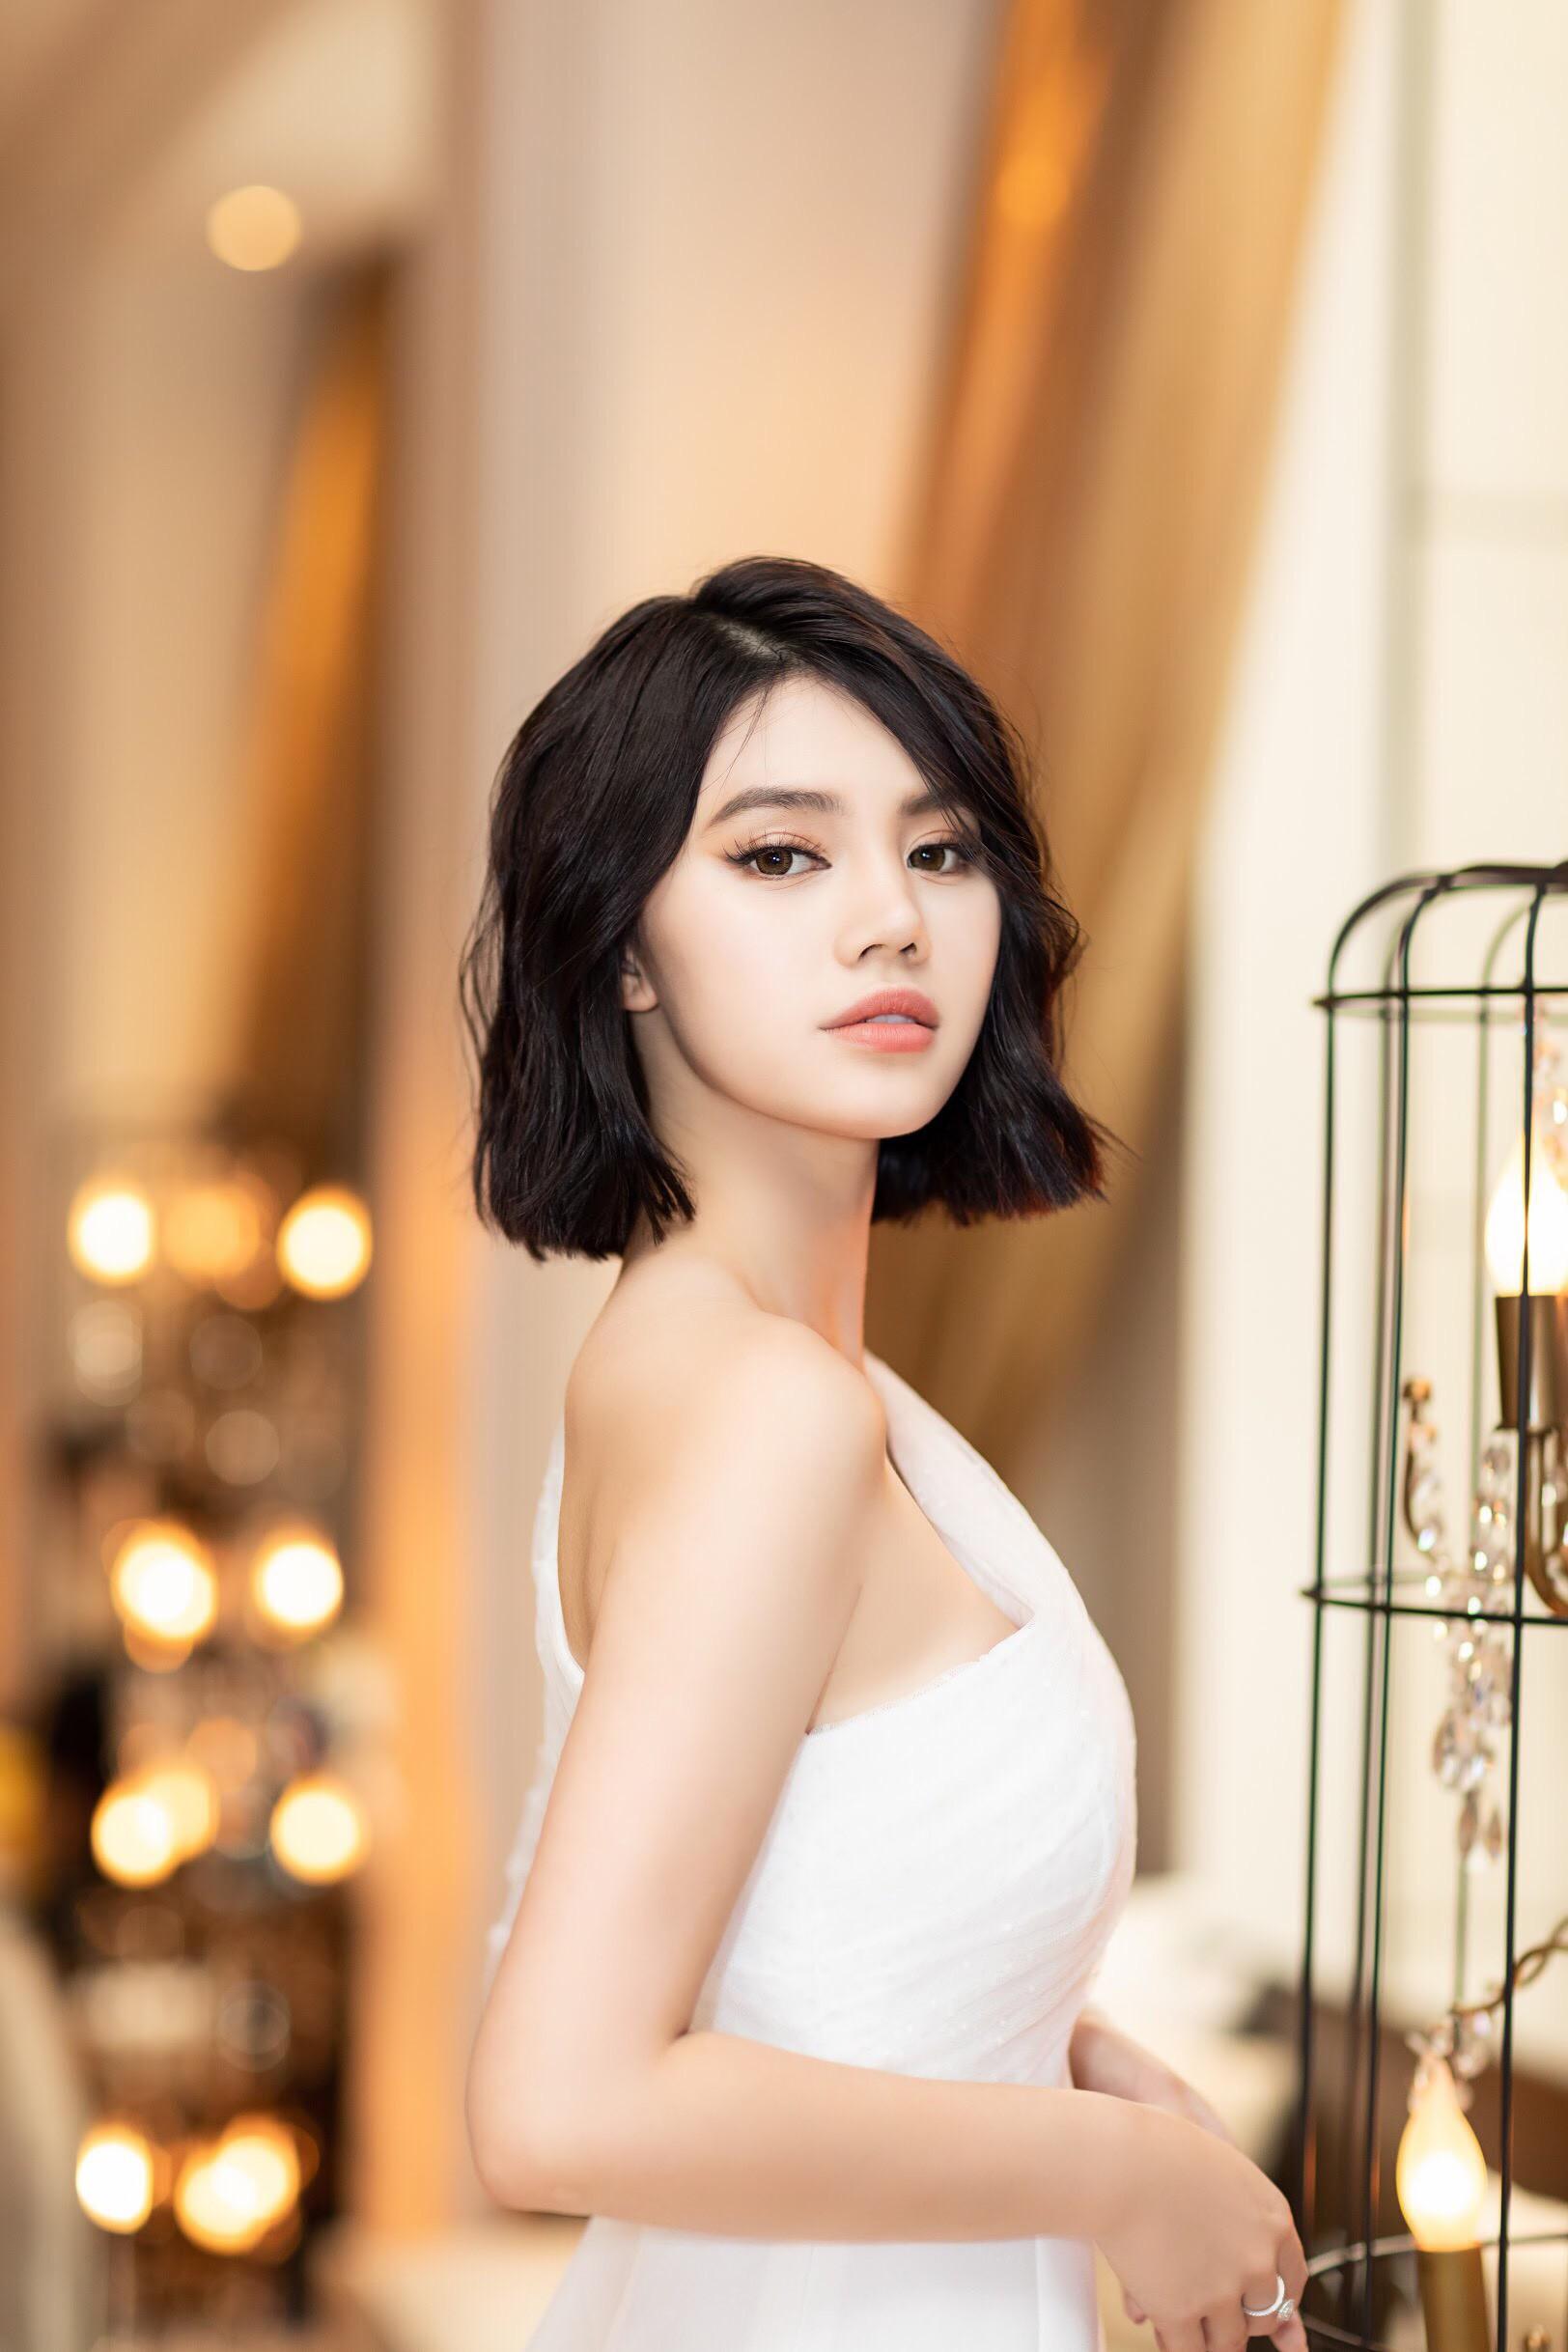 Thẳng tay cắt bỏ mái tóc dài để 20 năm, Hoa hậu Jolie Nguyễn vẫn gây thương nhớ với tóc ngắn cá tính - Ảnh 4.